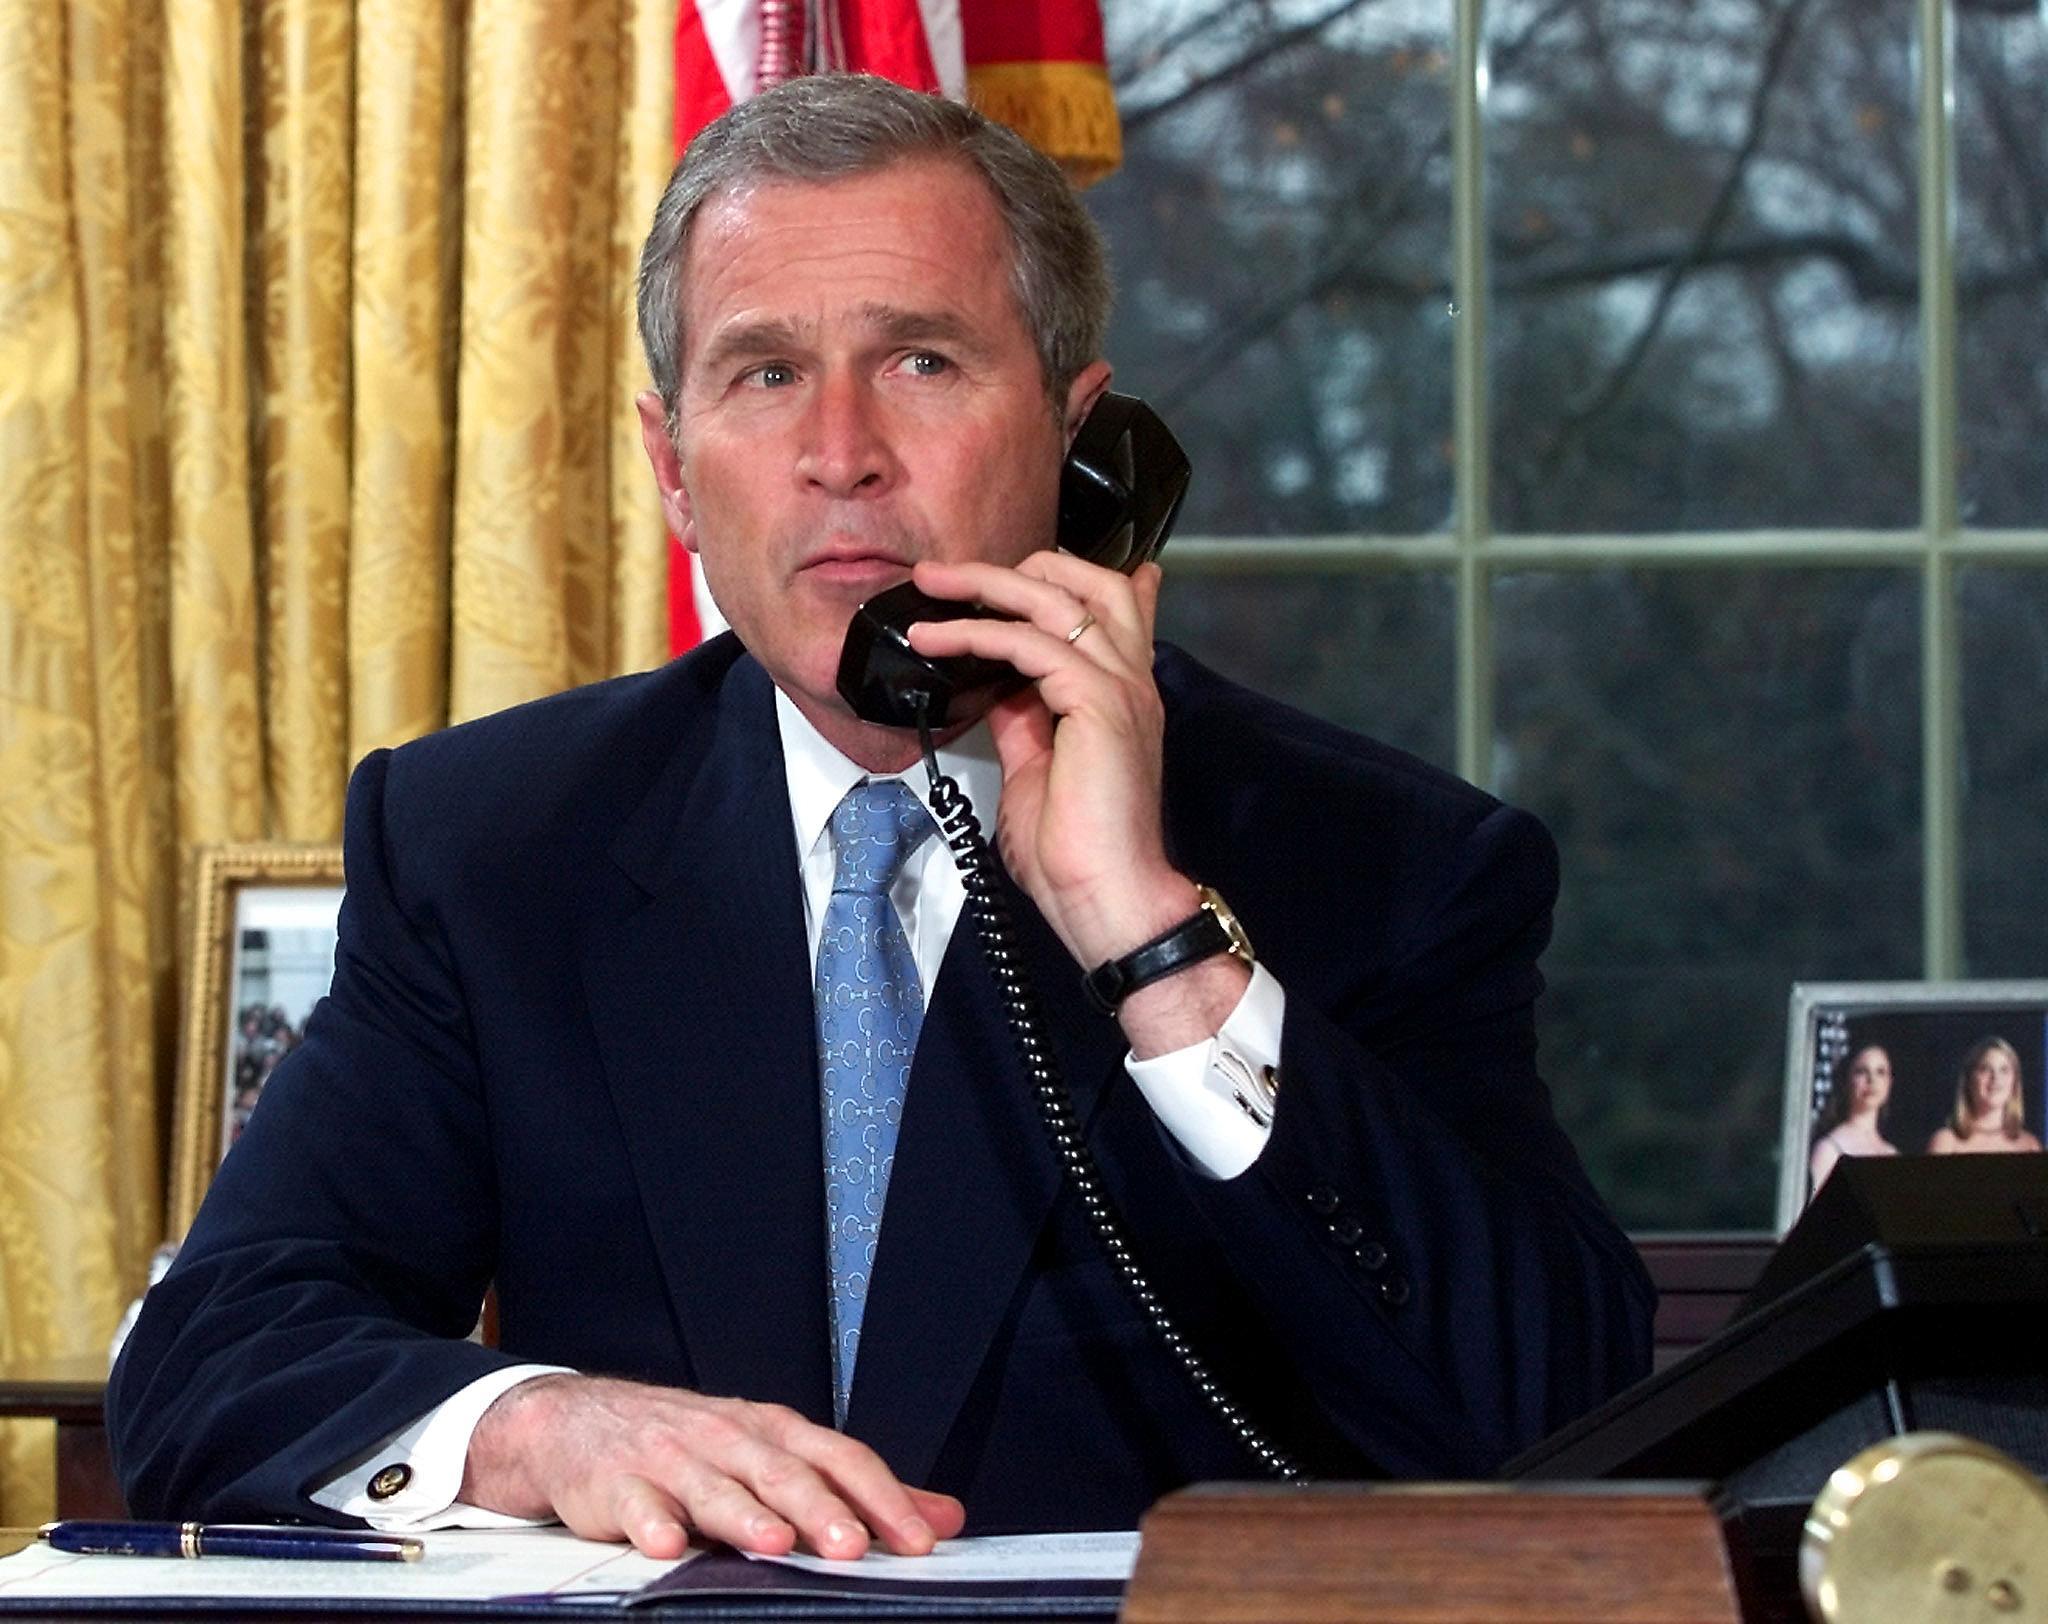 الرئيس السابق جورج بوش الابن